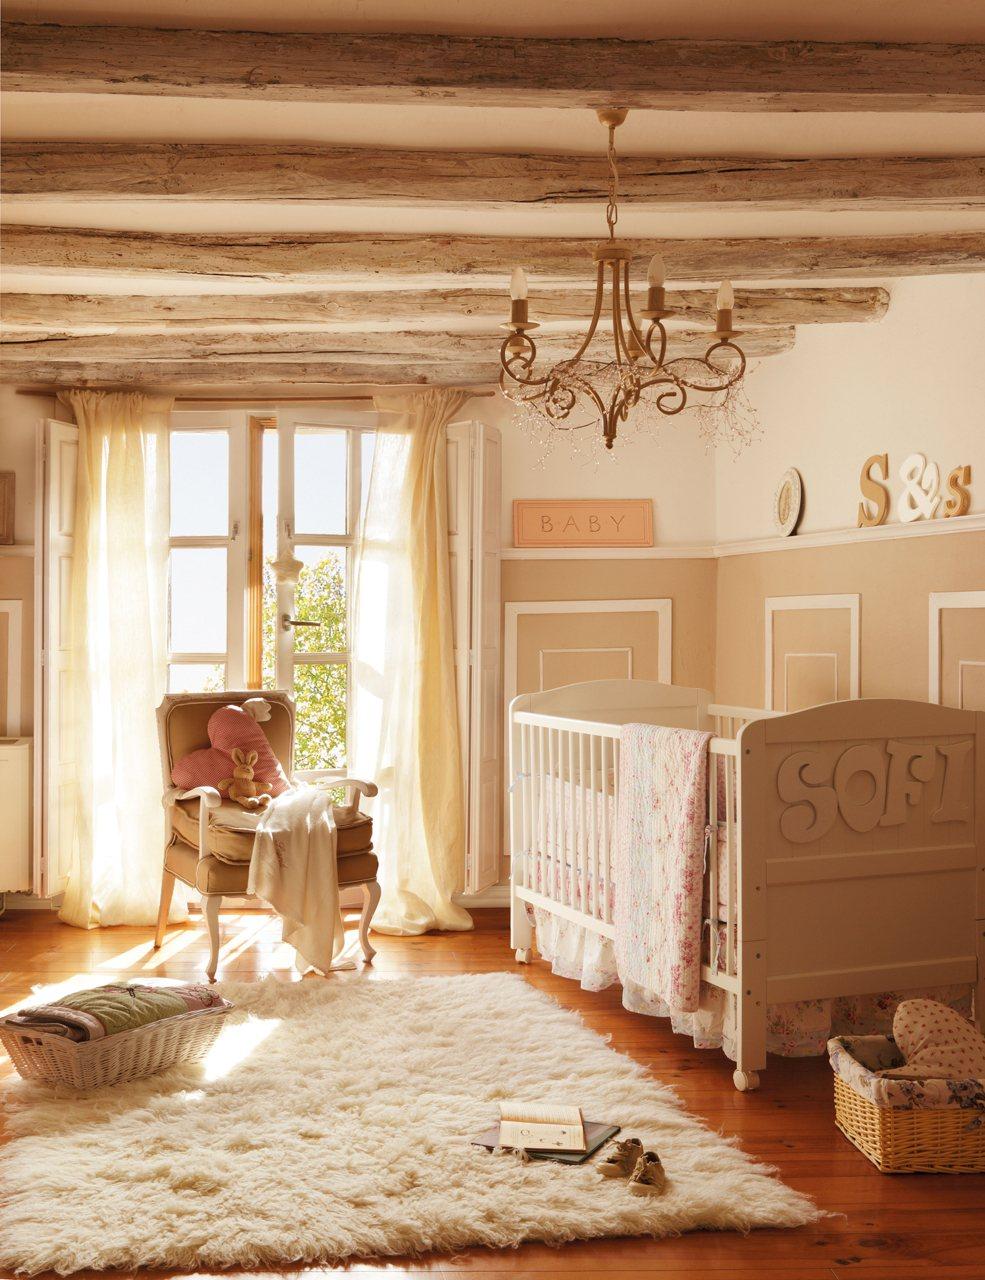 Для оформления потолка детской комнаты в стиле прованс прекрасно подойдут декоративные балки с неровной обработкой светло-коричневого цвета